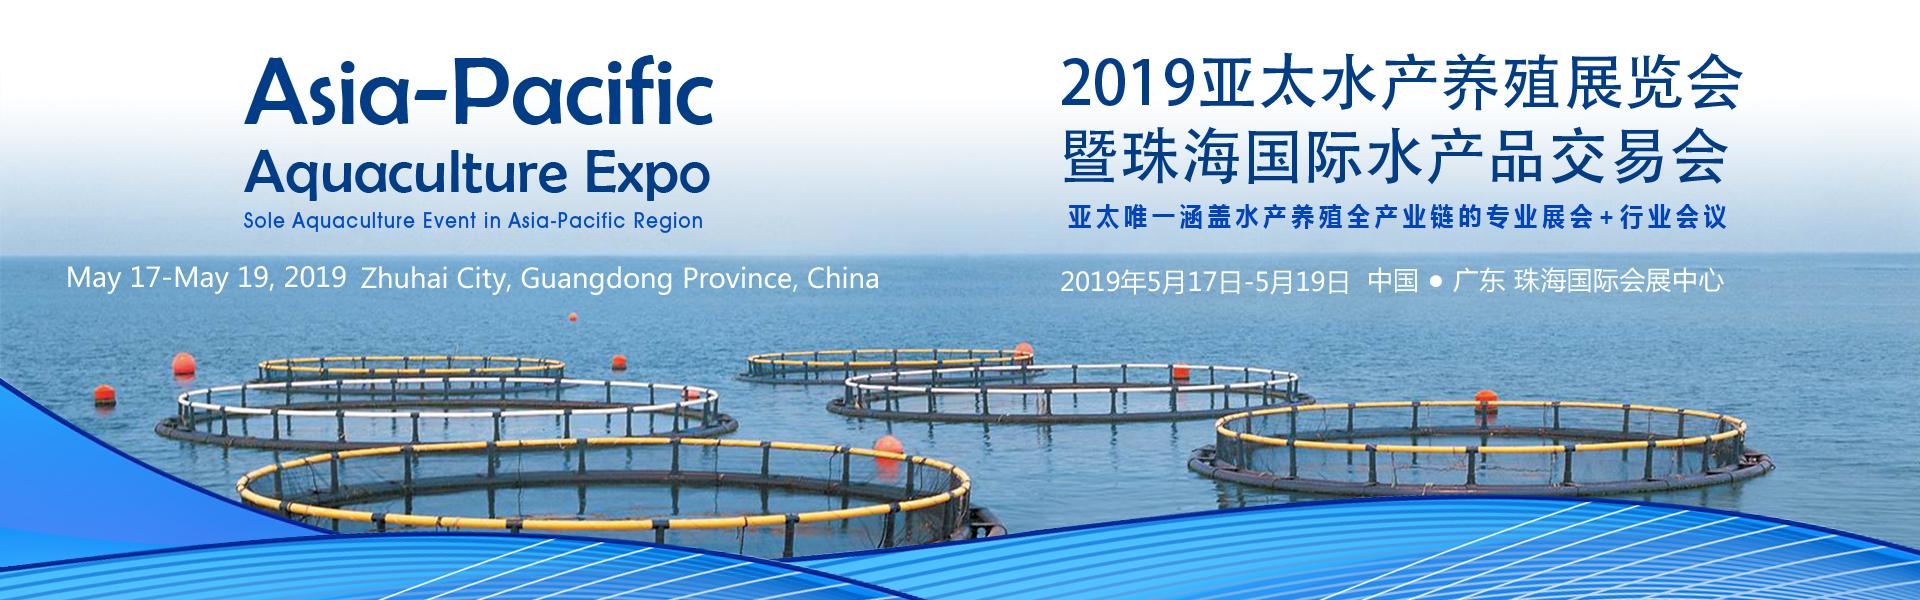 2019亚太水产养殖展览会暨珠海国际水产品交易会